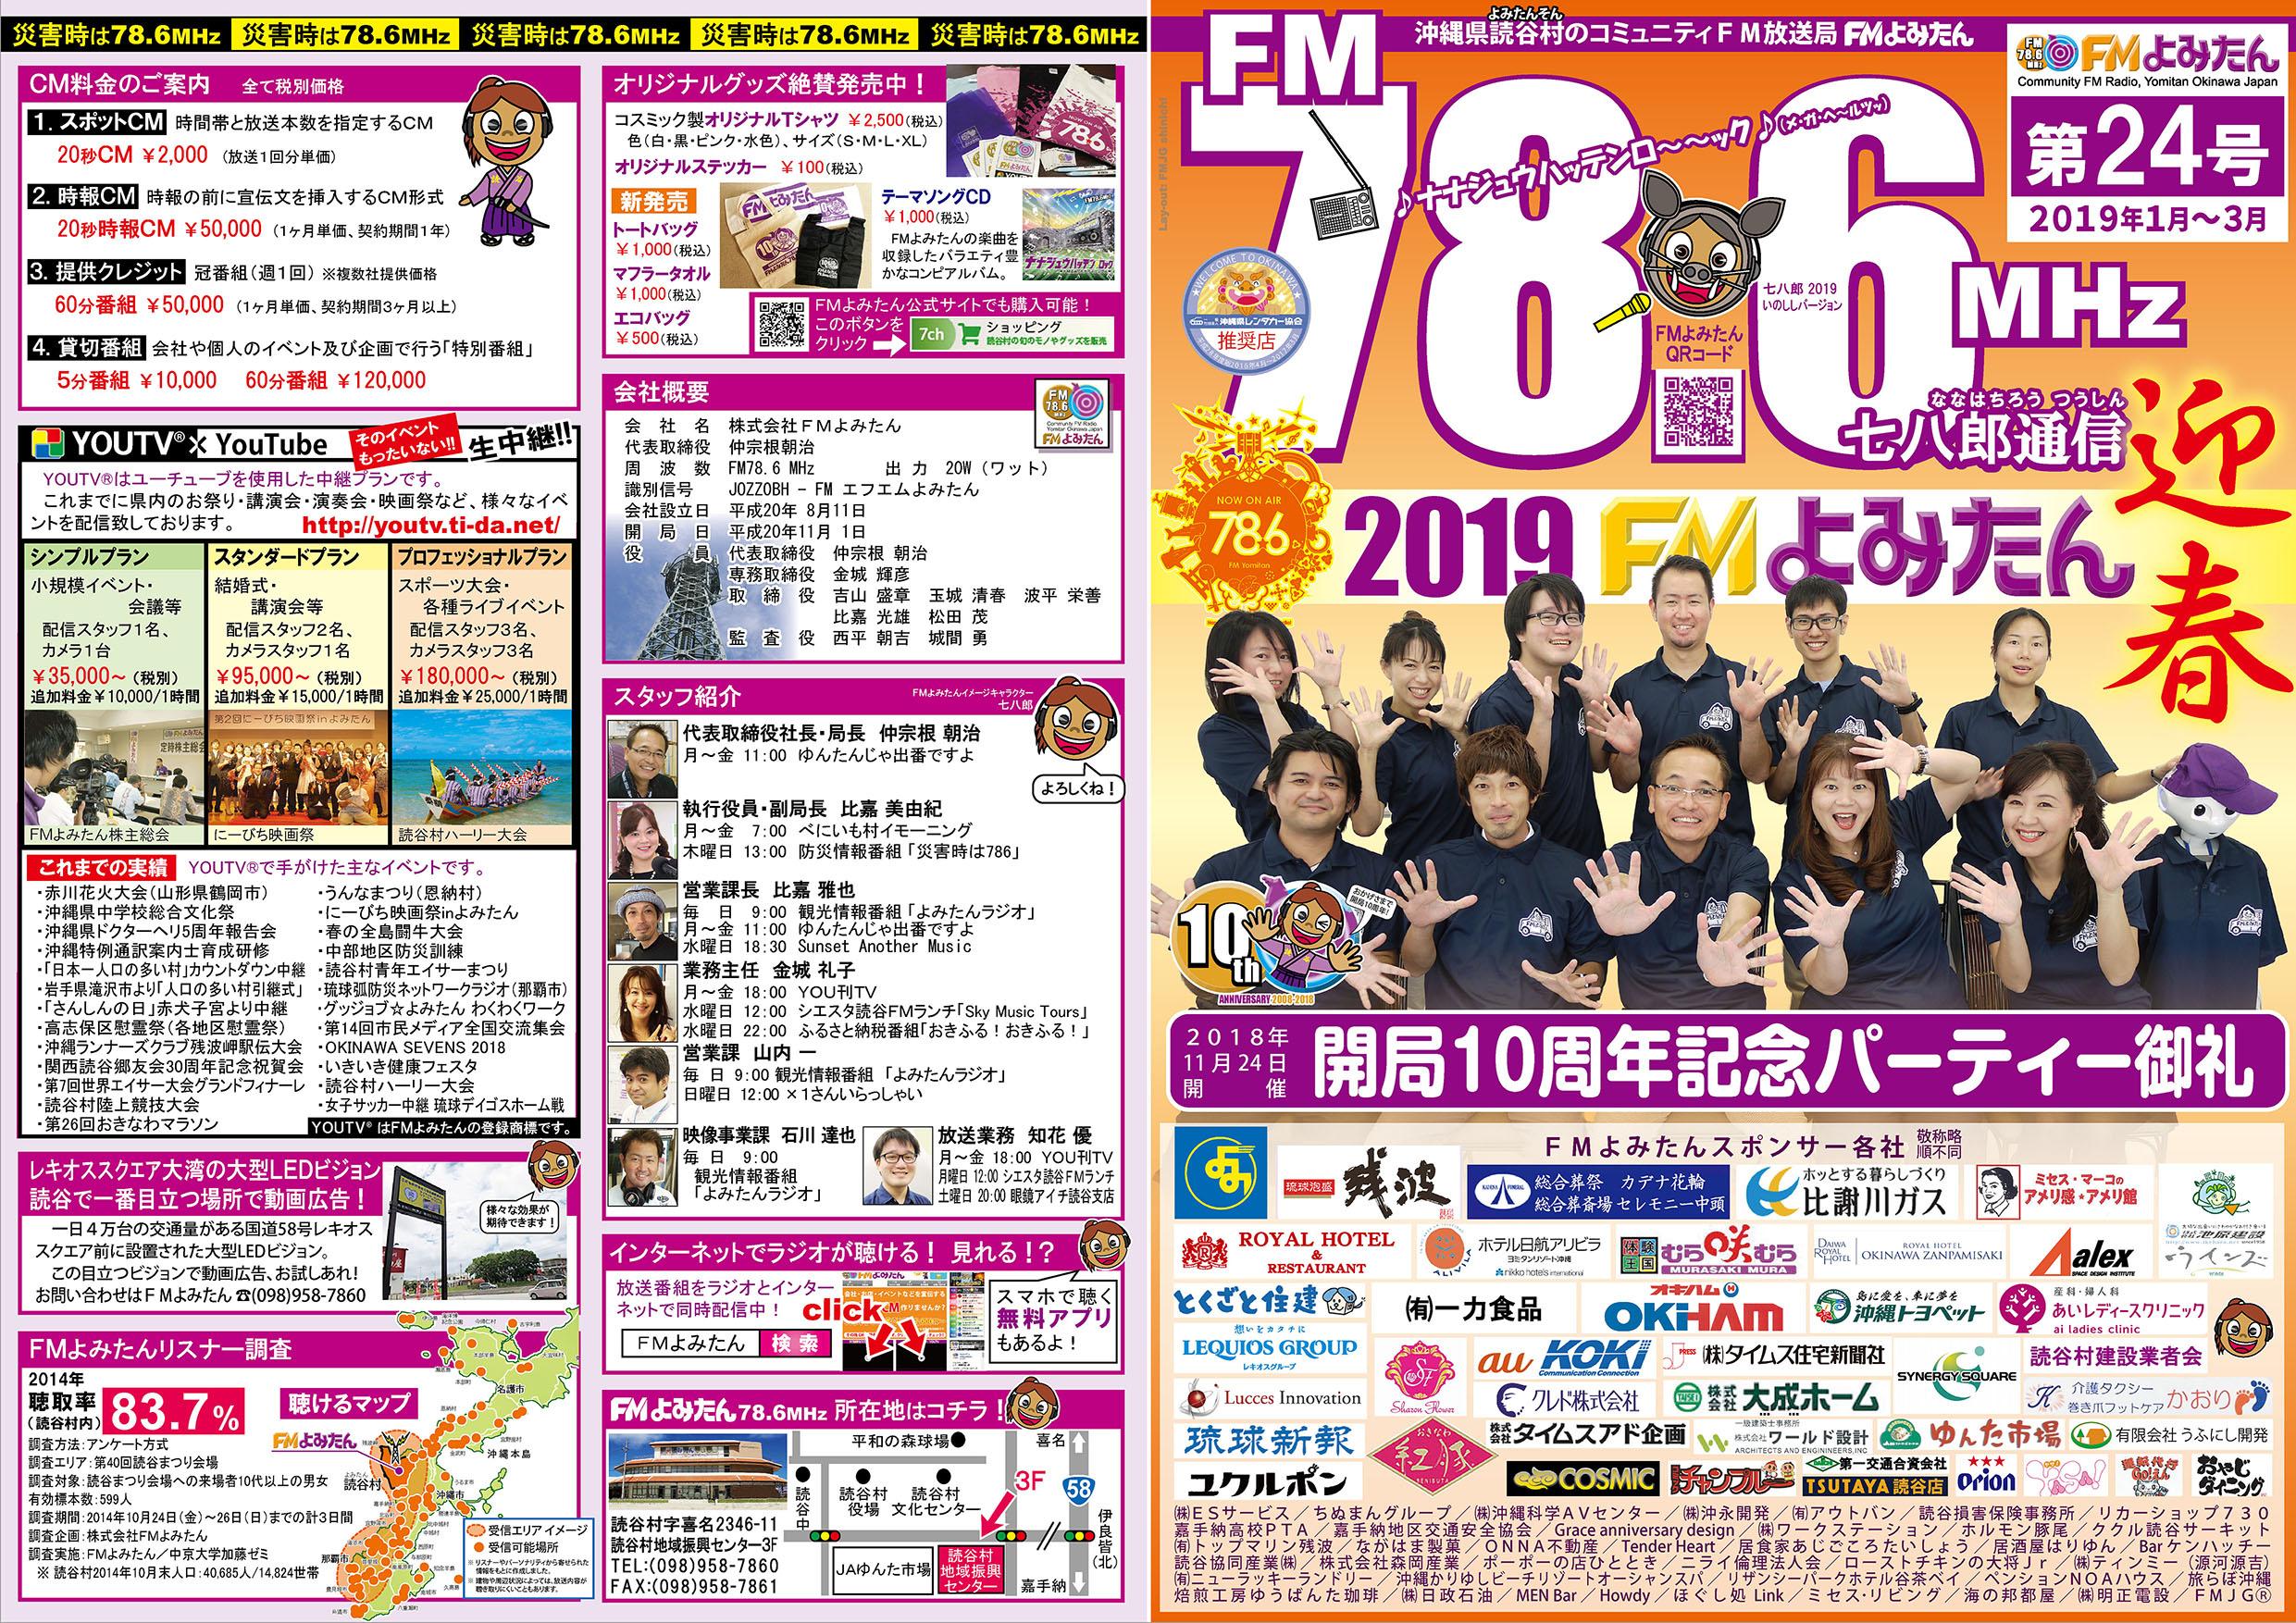 24号A3二つ折り_表(外側)2-2-01 (1)